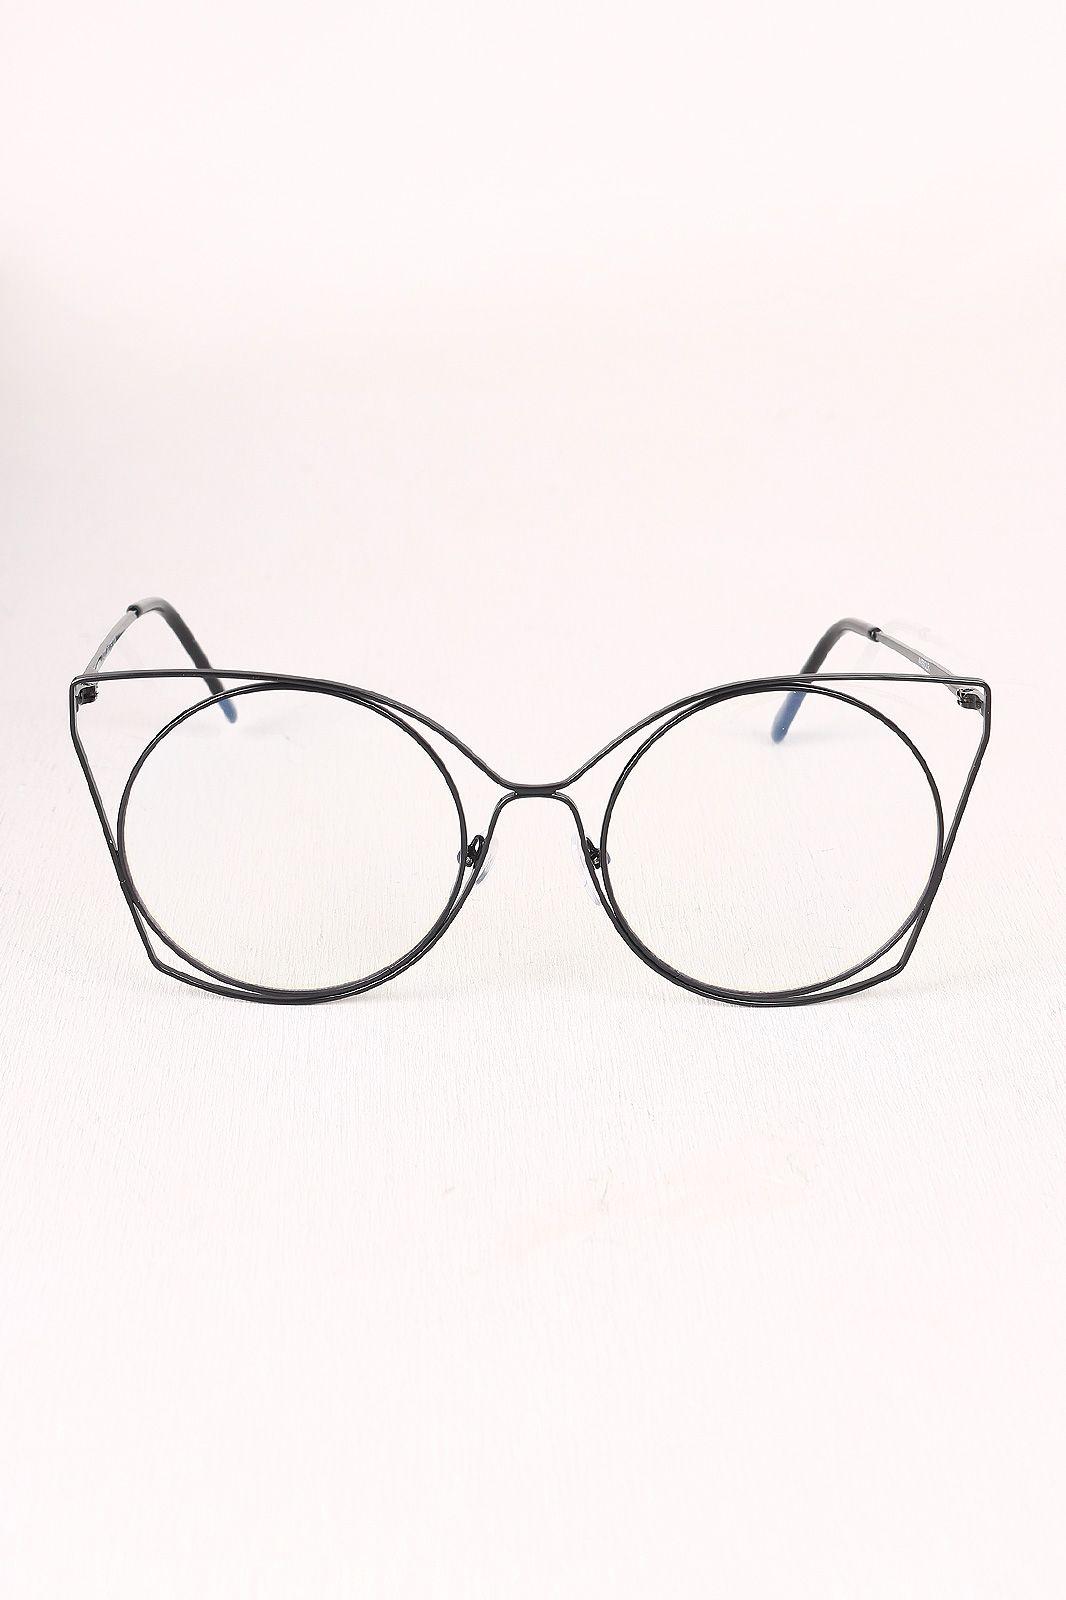 FREE SH & Easy Returns! Shop Oversized Clear Lens Framed Glasses ...